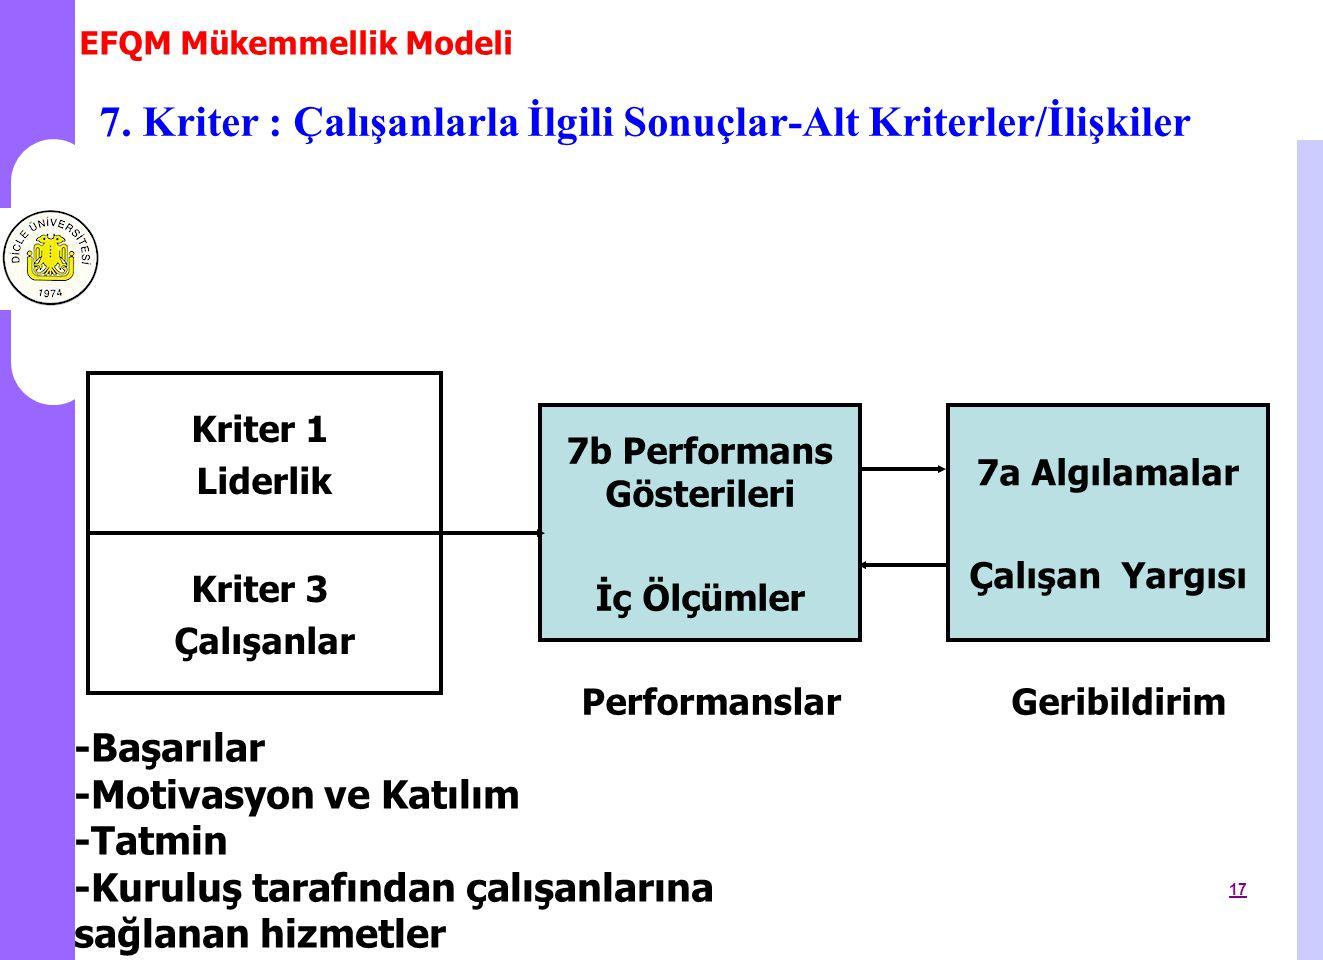 7. Kriter : Çalışanlarla İlgili Sonuçlar-Alt Kriterler/İlişkiler